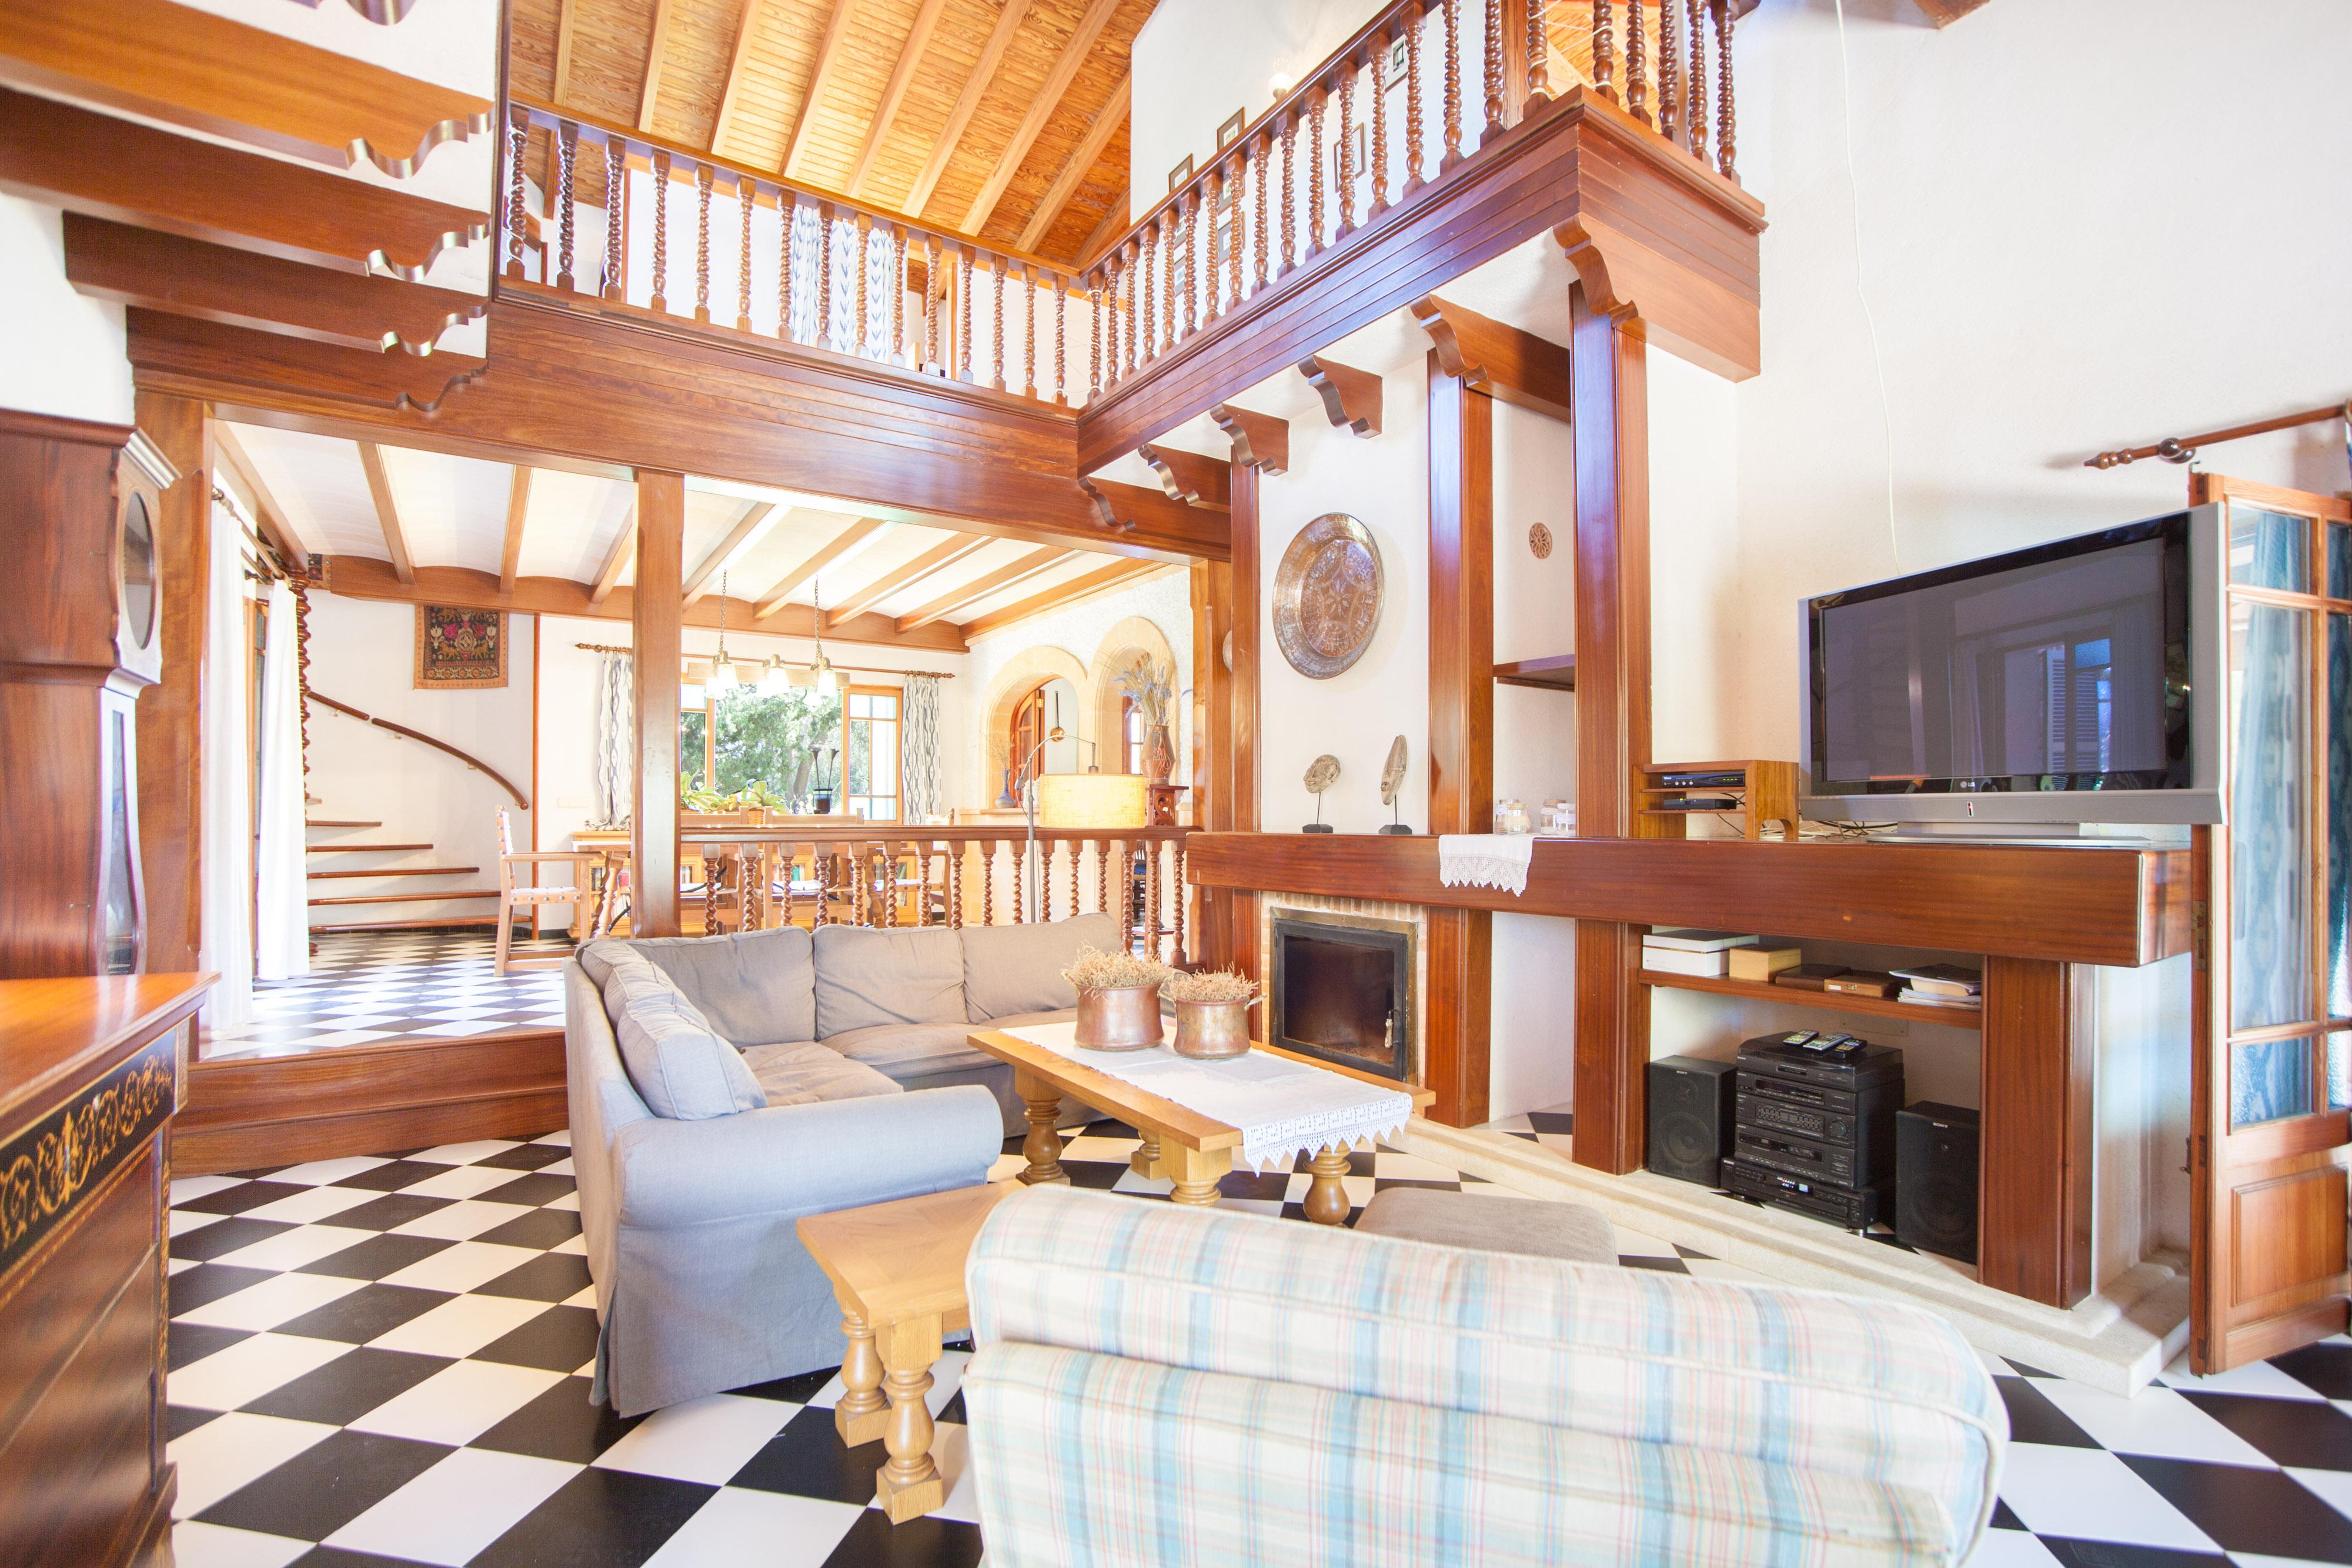 Ferienhaus SOS MONJOS (2177982), Arta, Mallorca, Balearische Inseln, Spanien, Bild 13